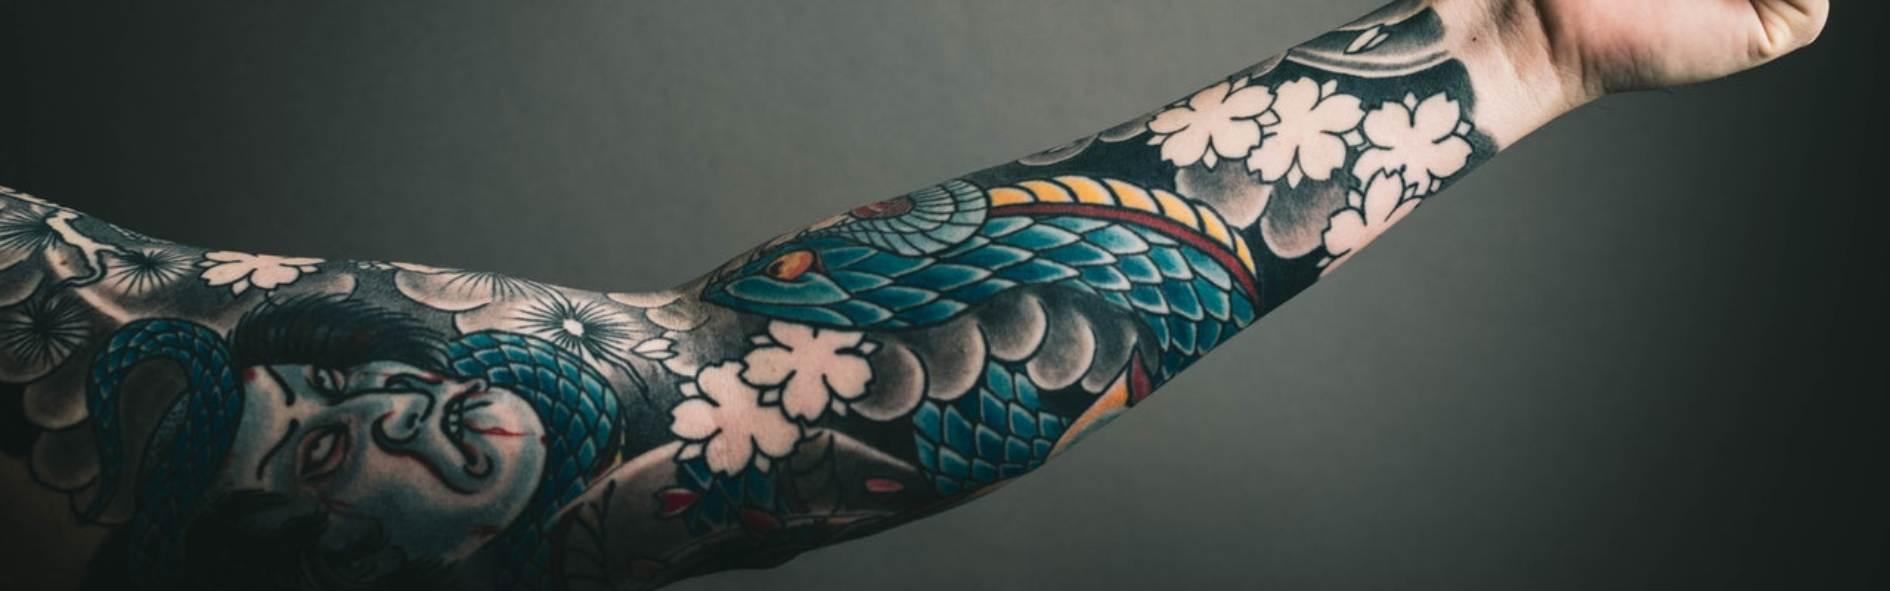 Descubre los tipos de tatuajes que crean tendencia actualmente